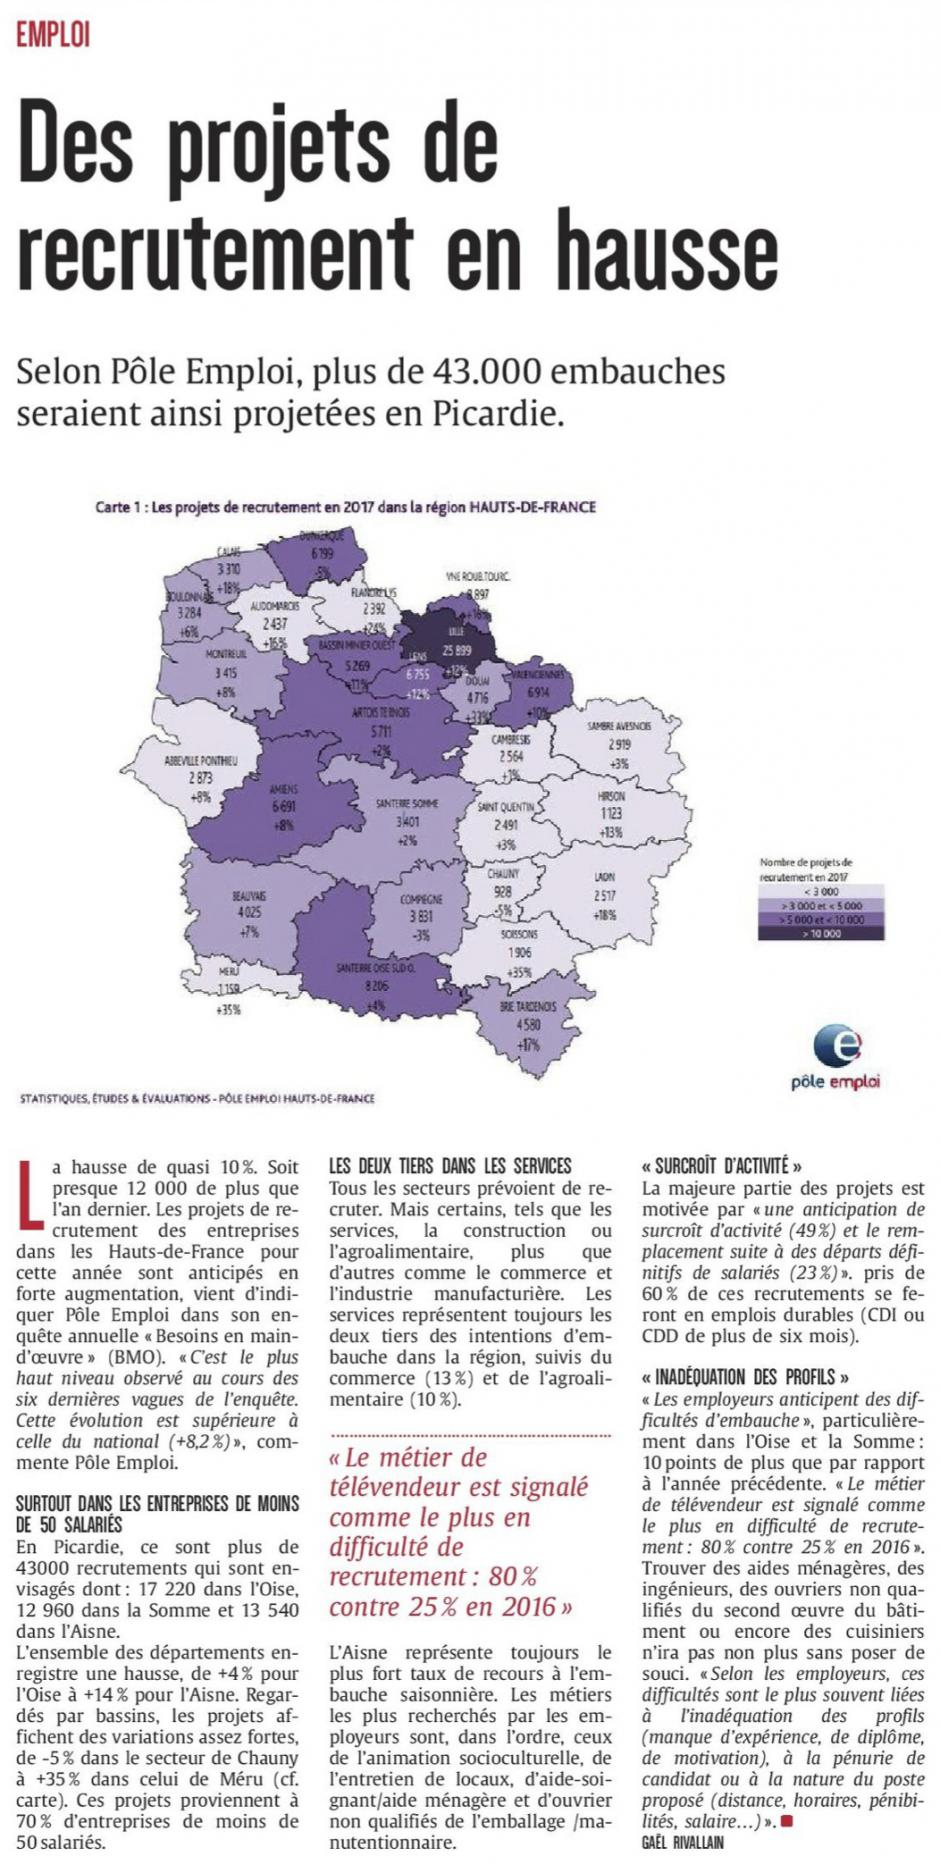 20170424-CP-Picardie-Des projets de recrutement en hausse